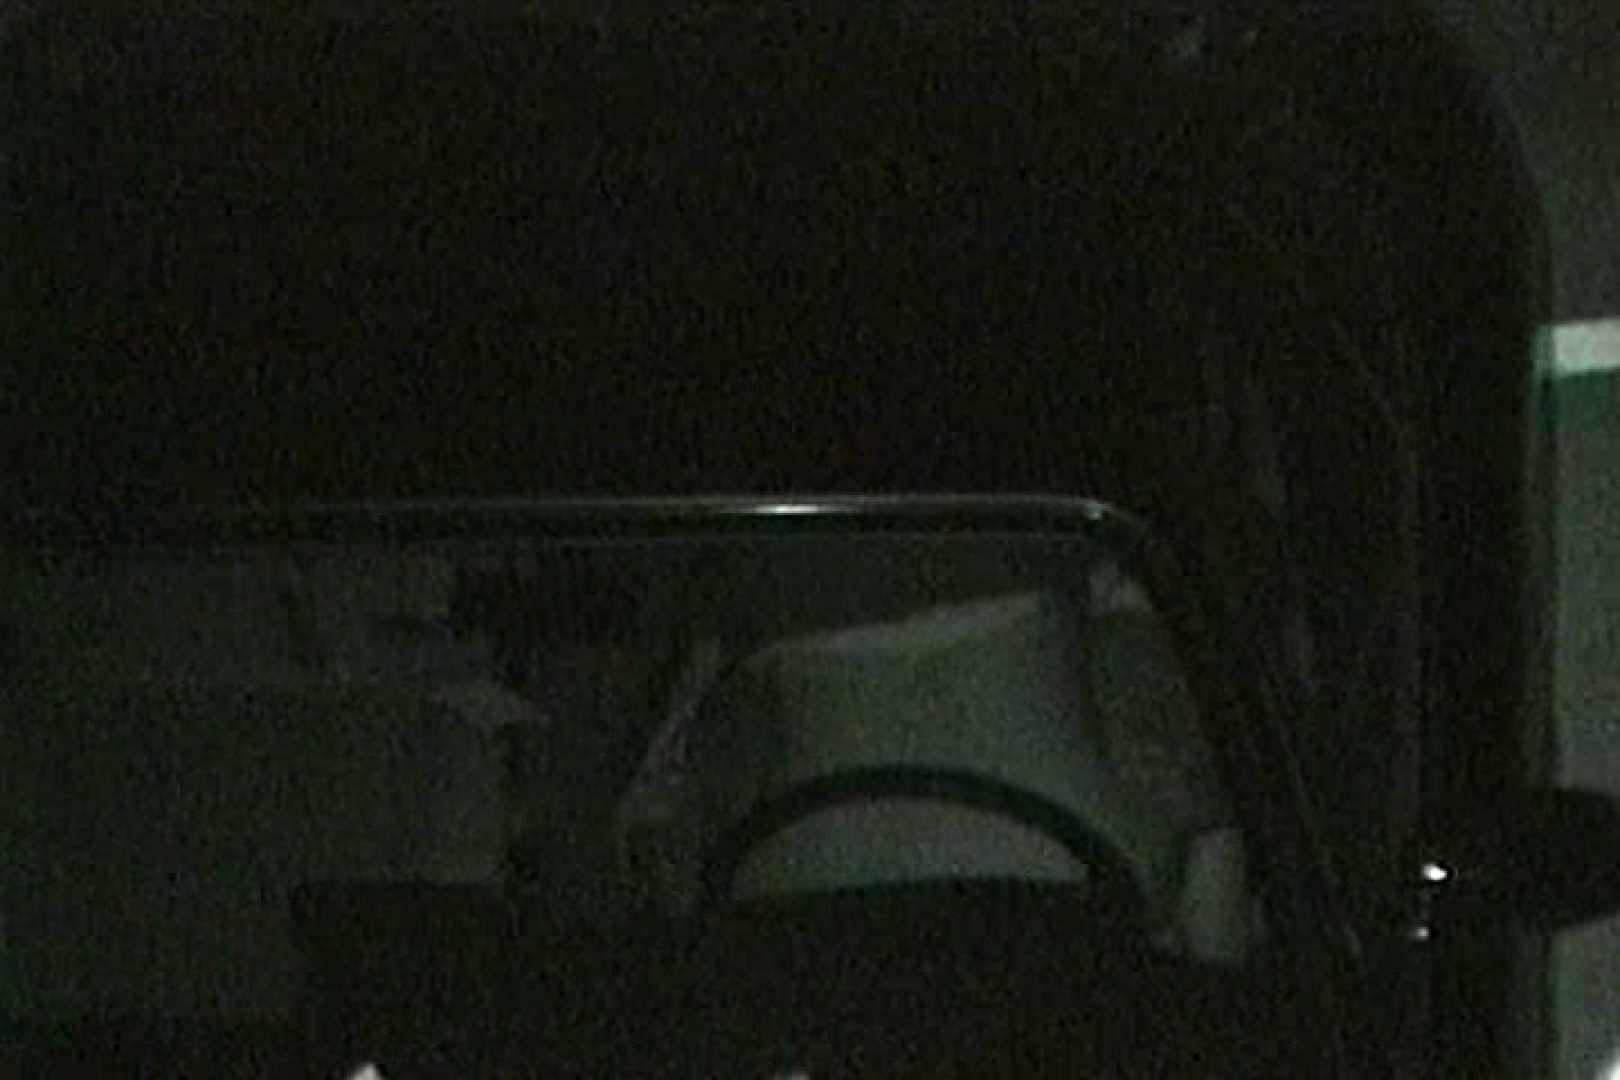 車の中はラブホテル 無修正版  Vol.8 ホテル  68連発 48